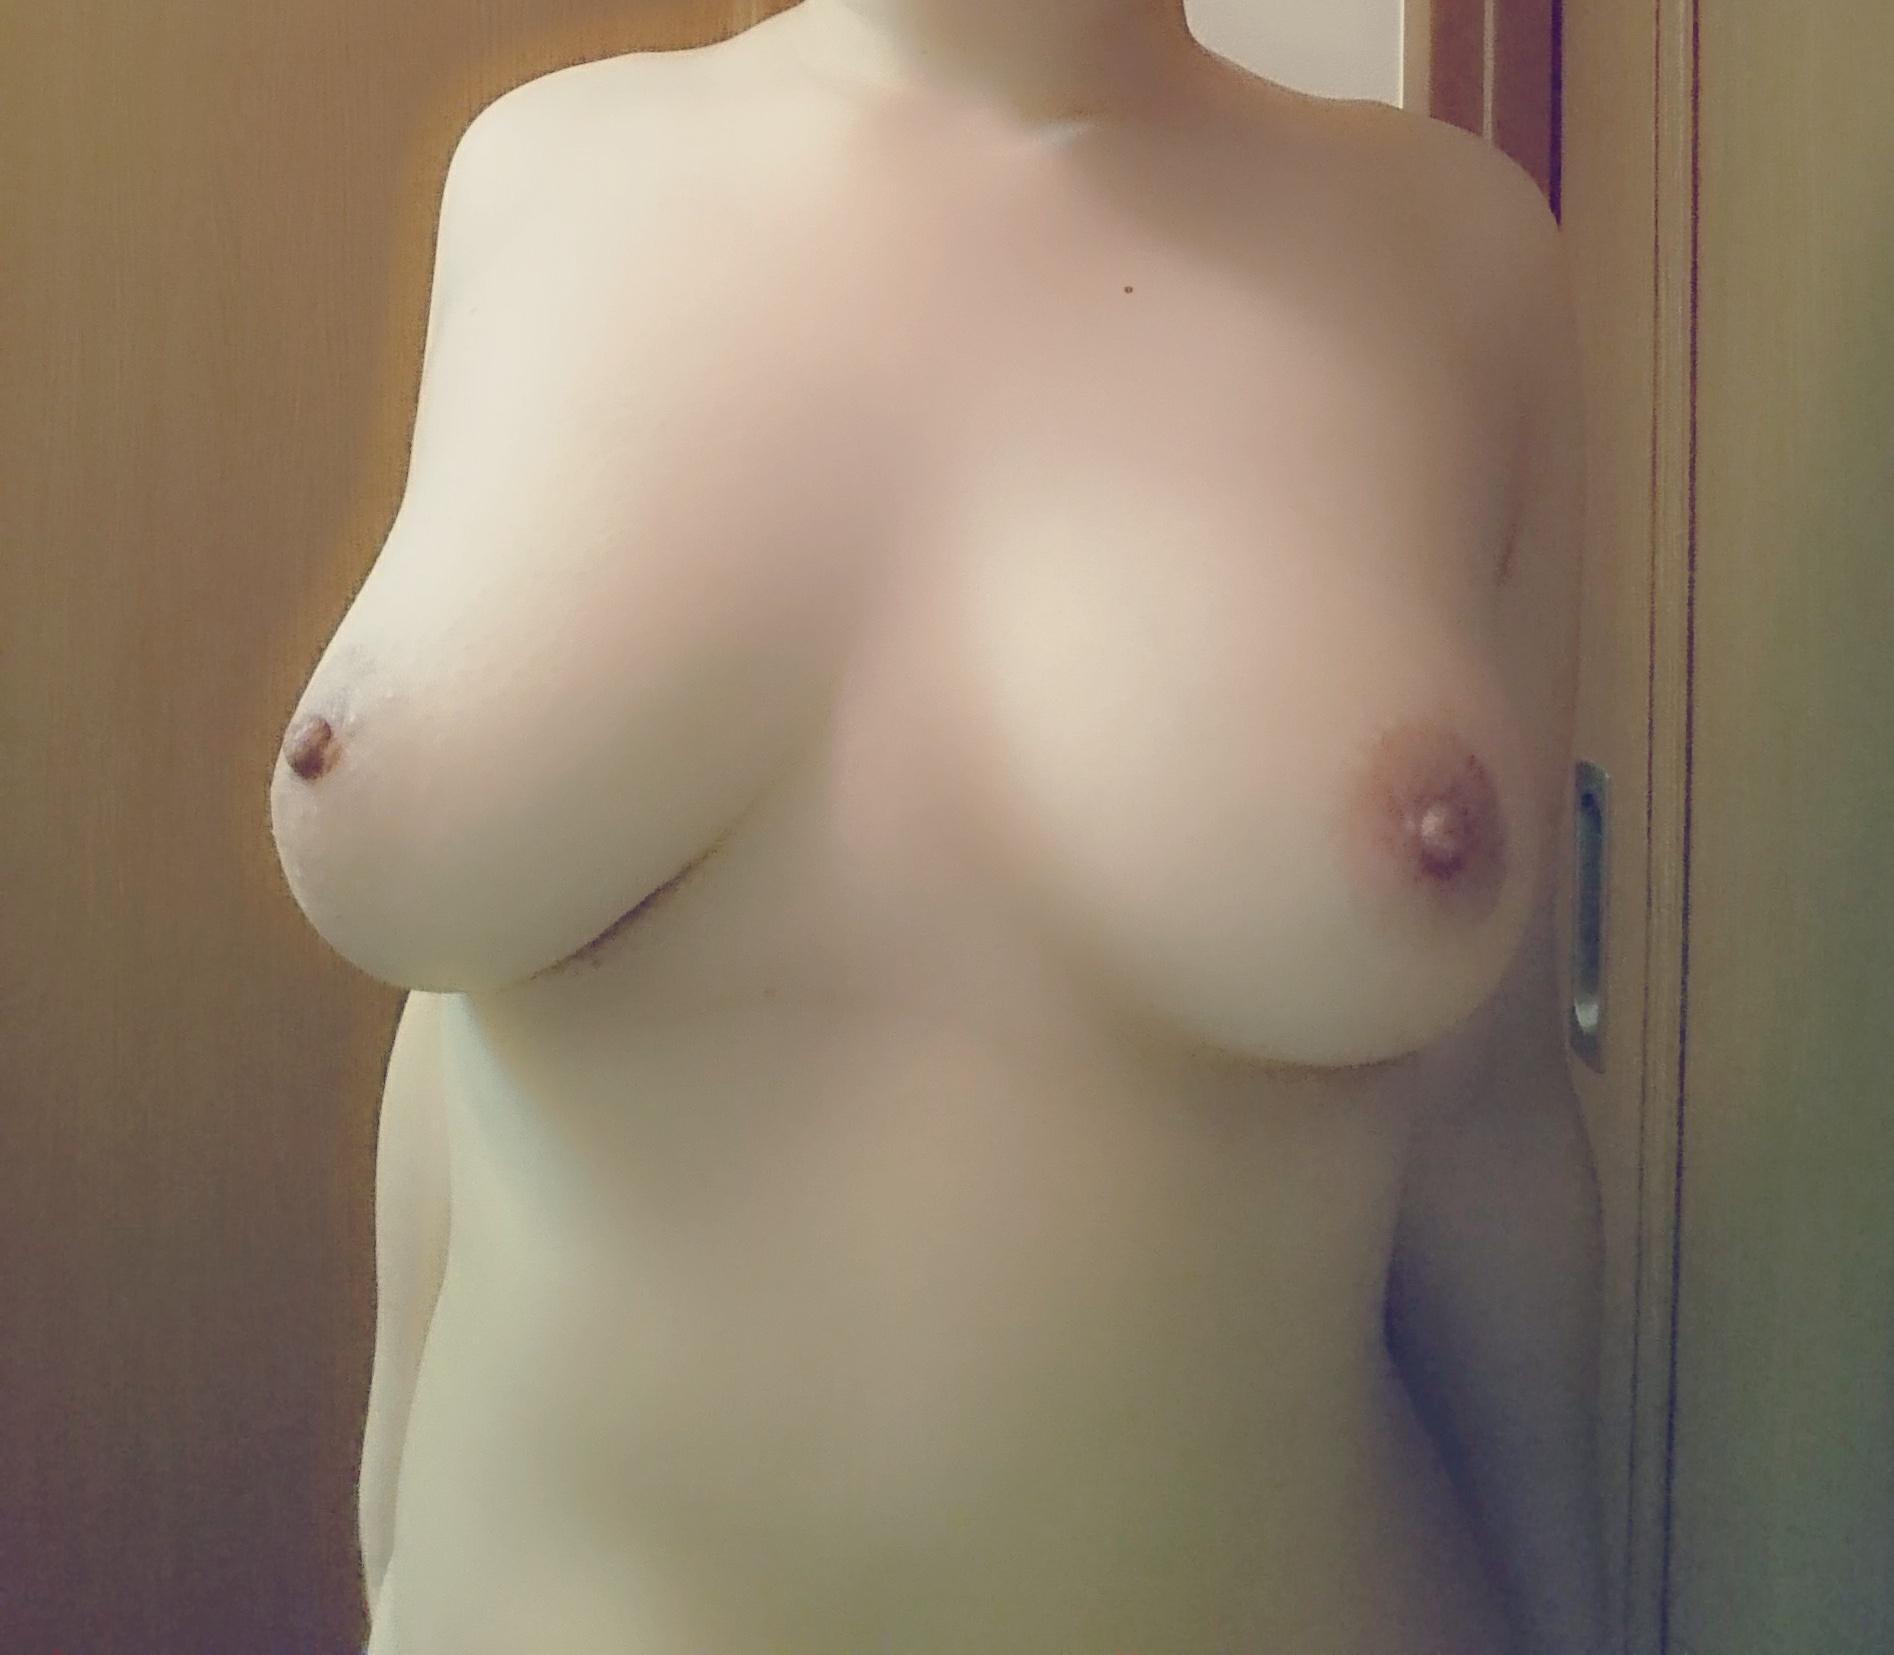 【自撮りエロ画像】おかず不足ならば是非にw見放題な女神達の自撮りおっぱいwww 03